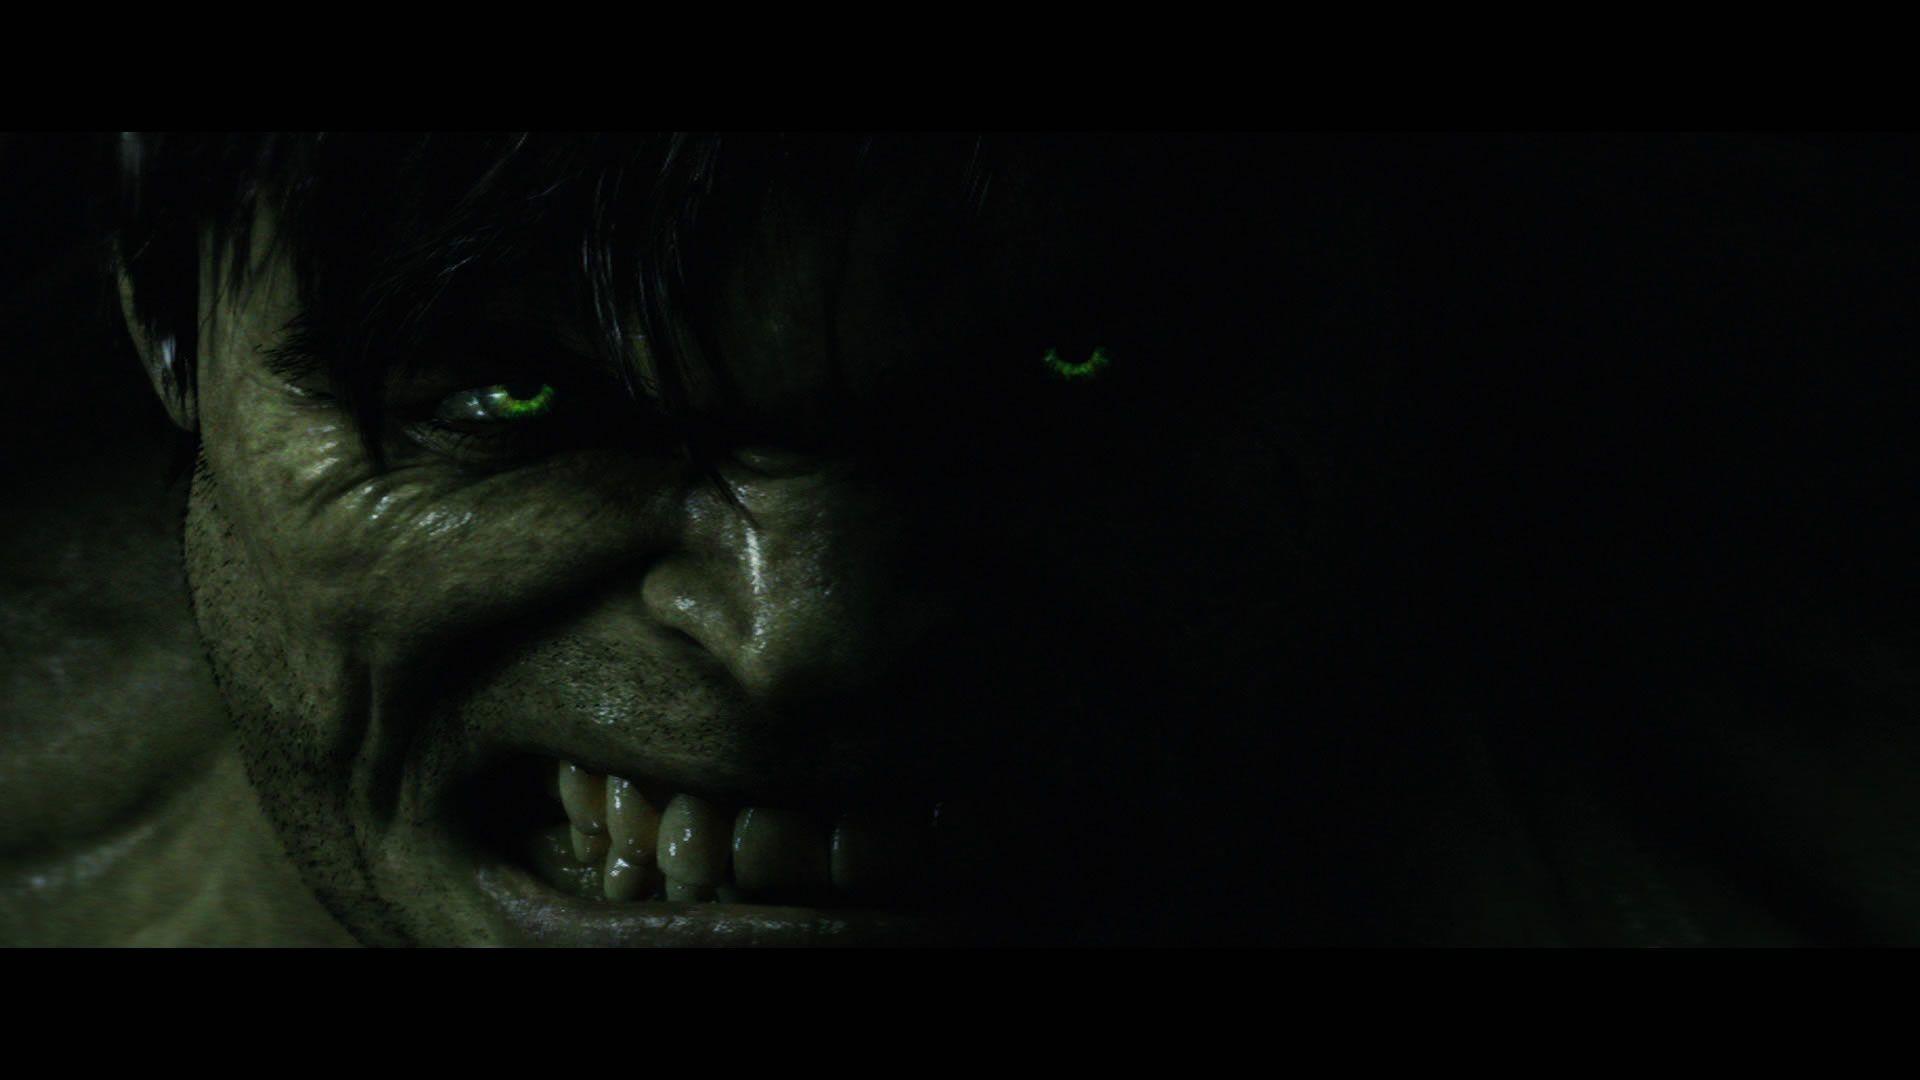 Incredible Ii Wallpaper Free: Hulk HD Wallpapers 1080p (73+ Images